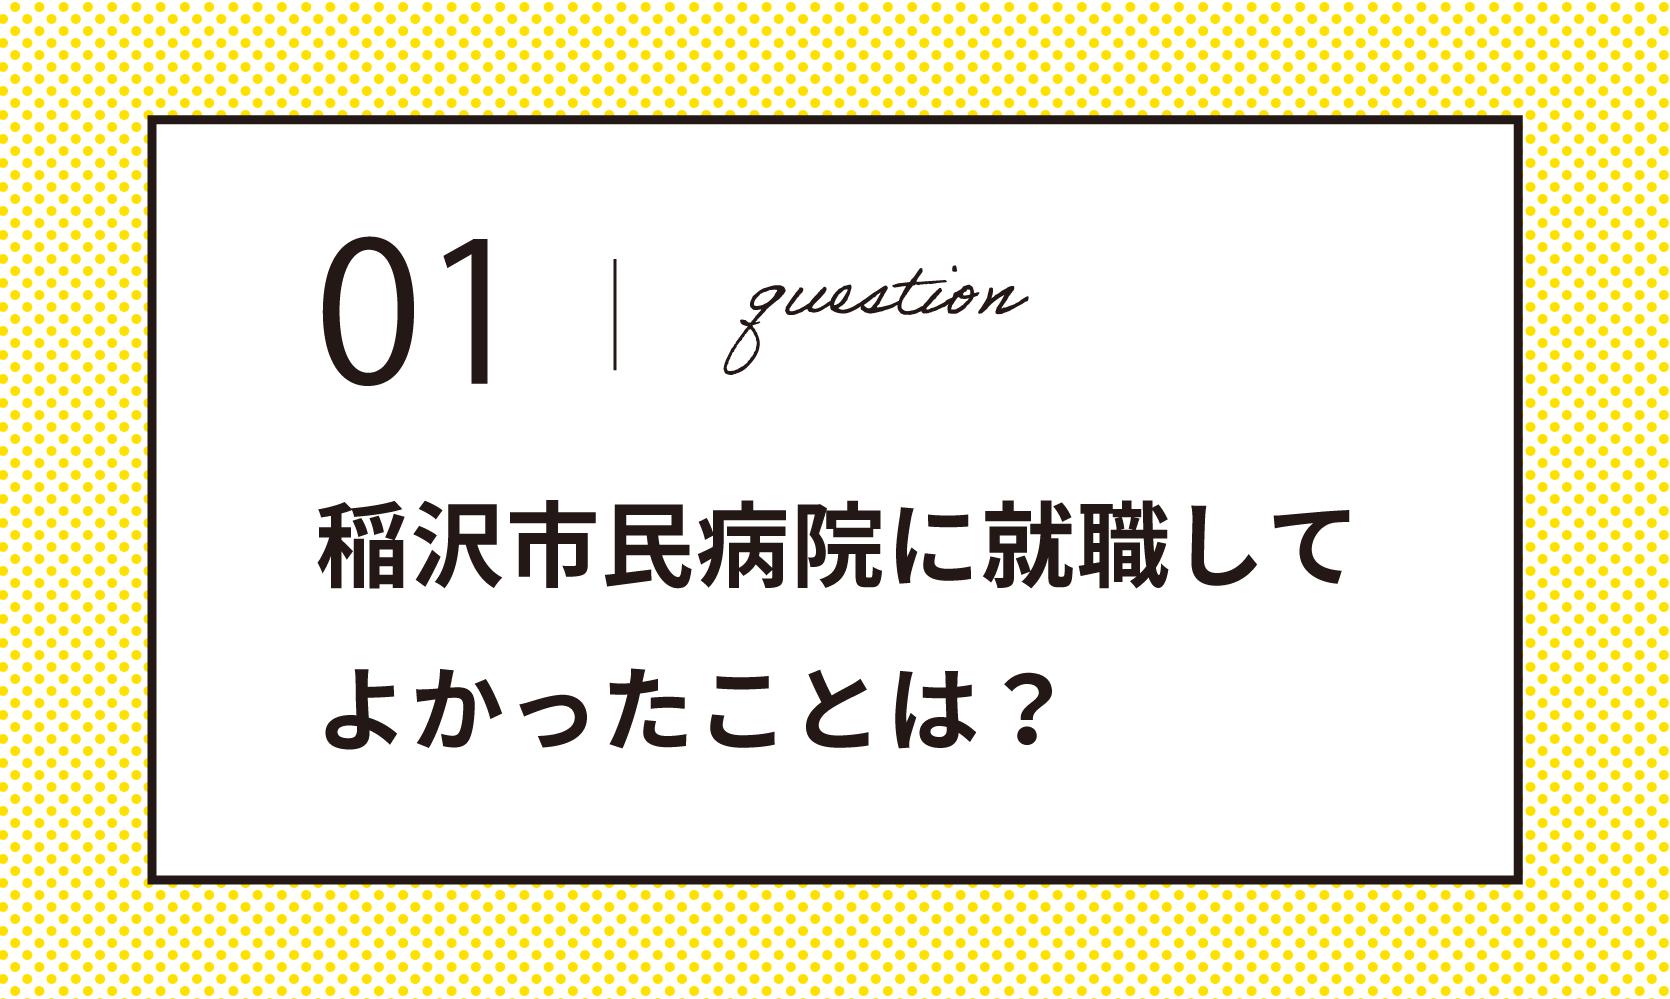 稲沢市民病院に就職してよかったことはなんですか?